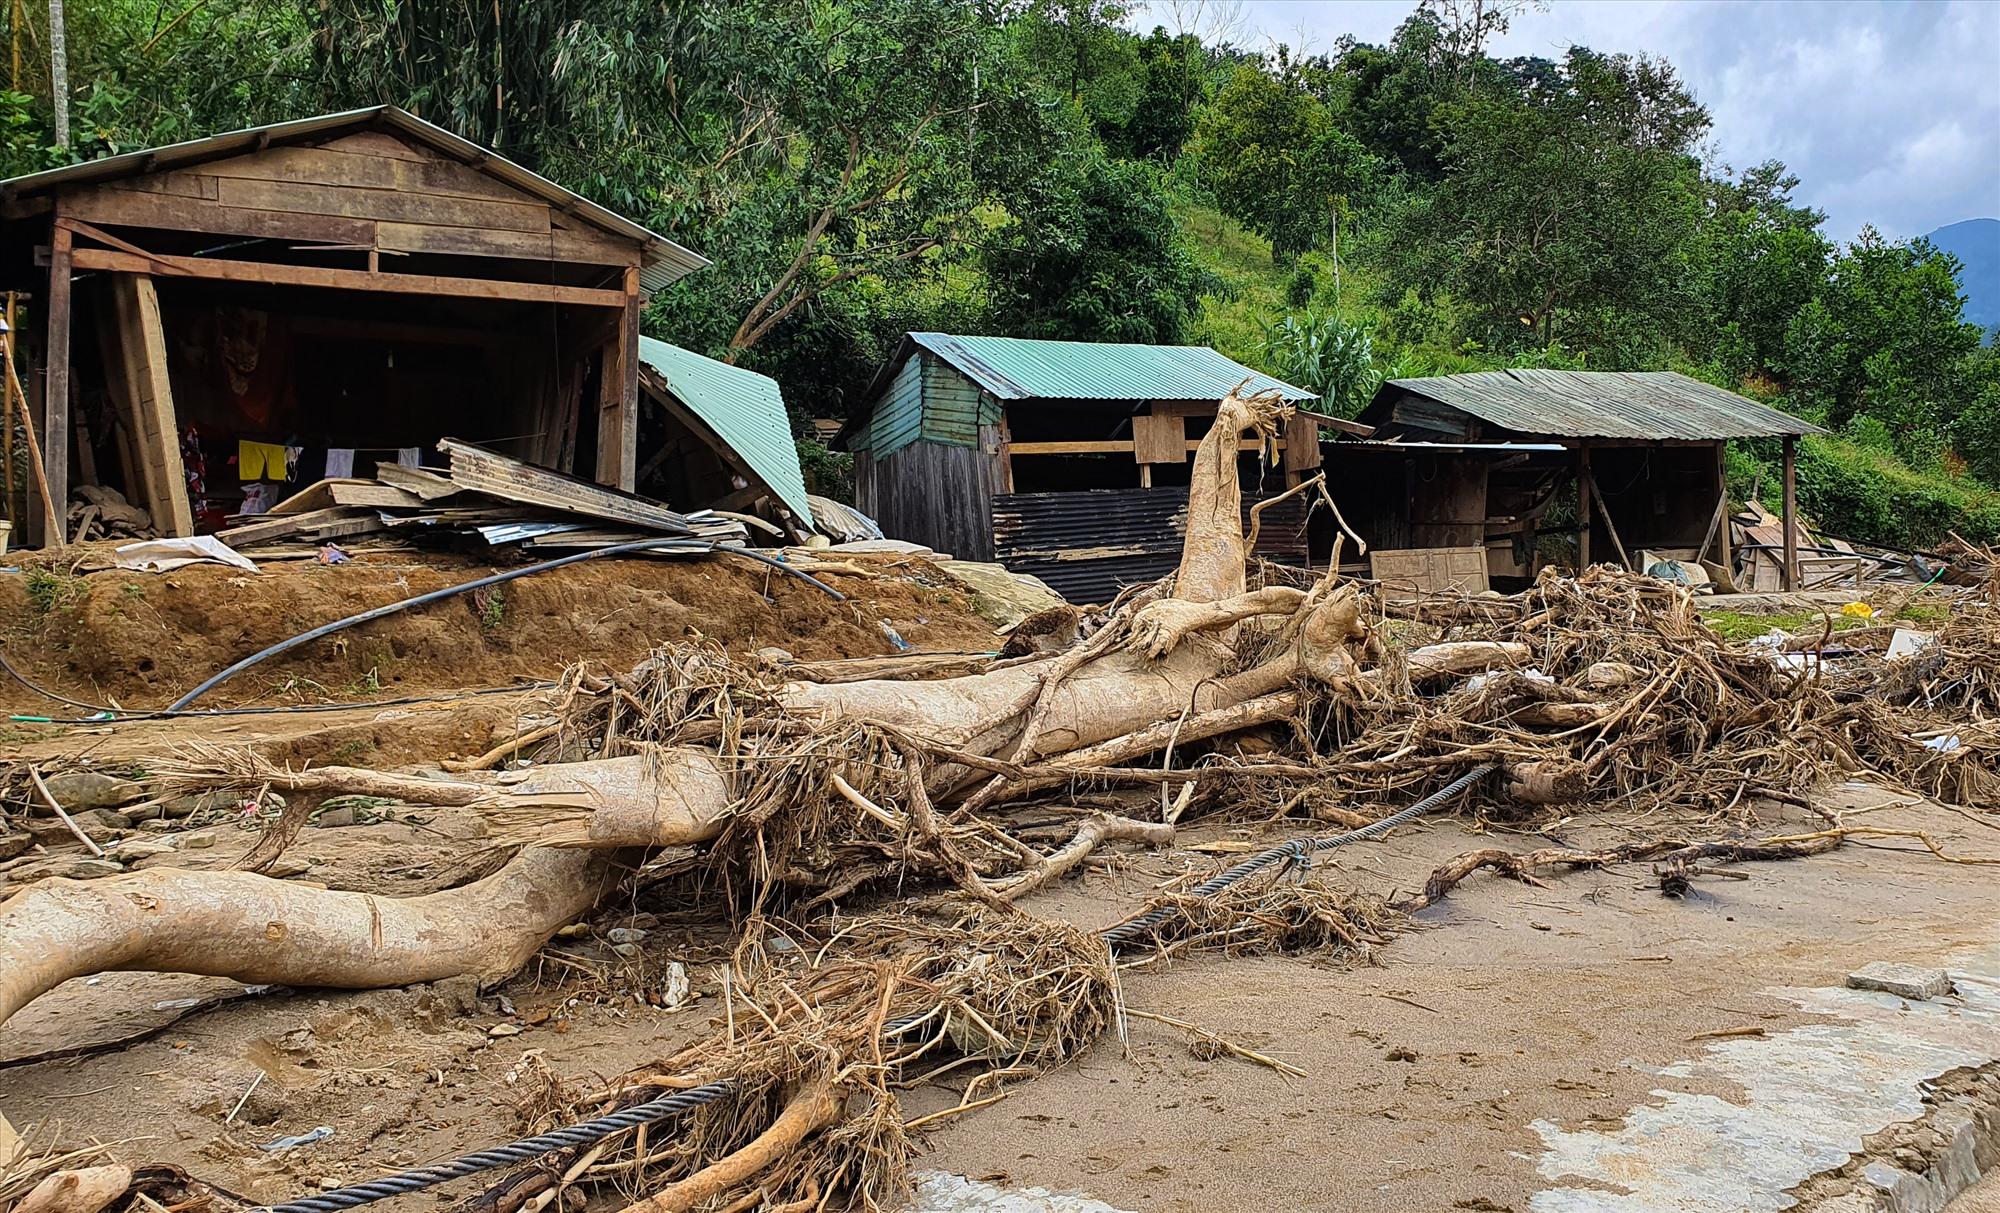 Nơi vốn là trường học, nhà dân giờ chỉ còn trơ nền gạch, nhiều thân cây gỗ lớn trôi dạt vào làng. Ảnh: T.C